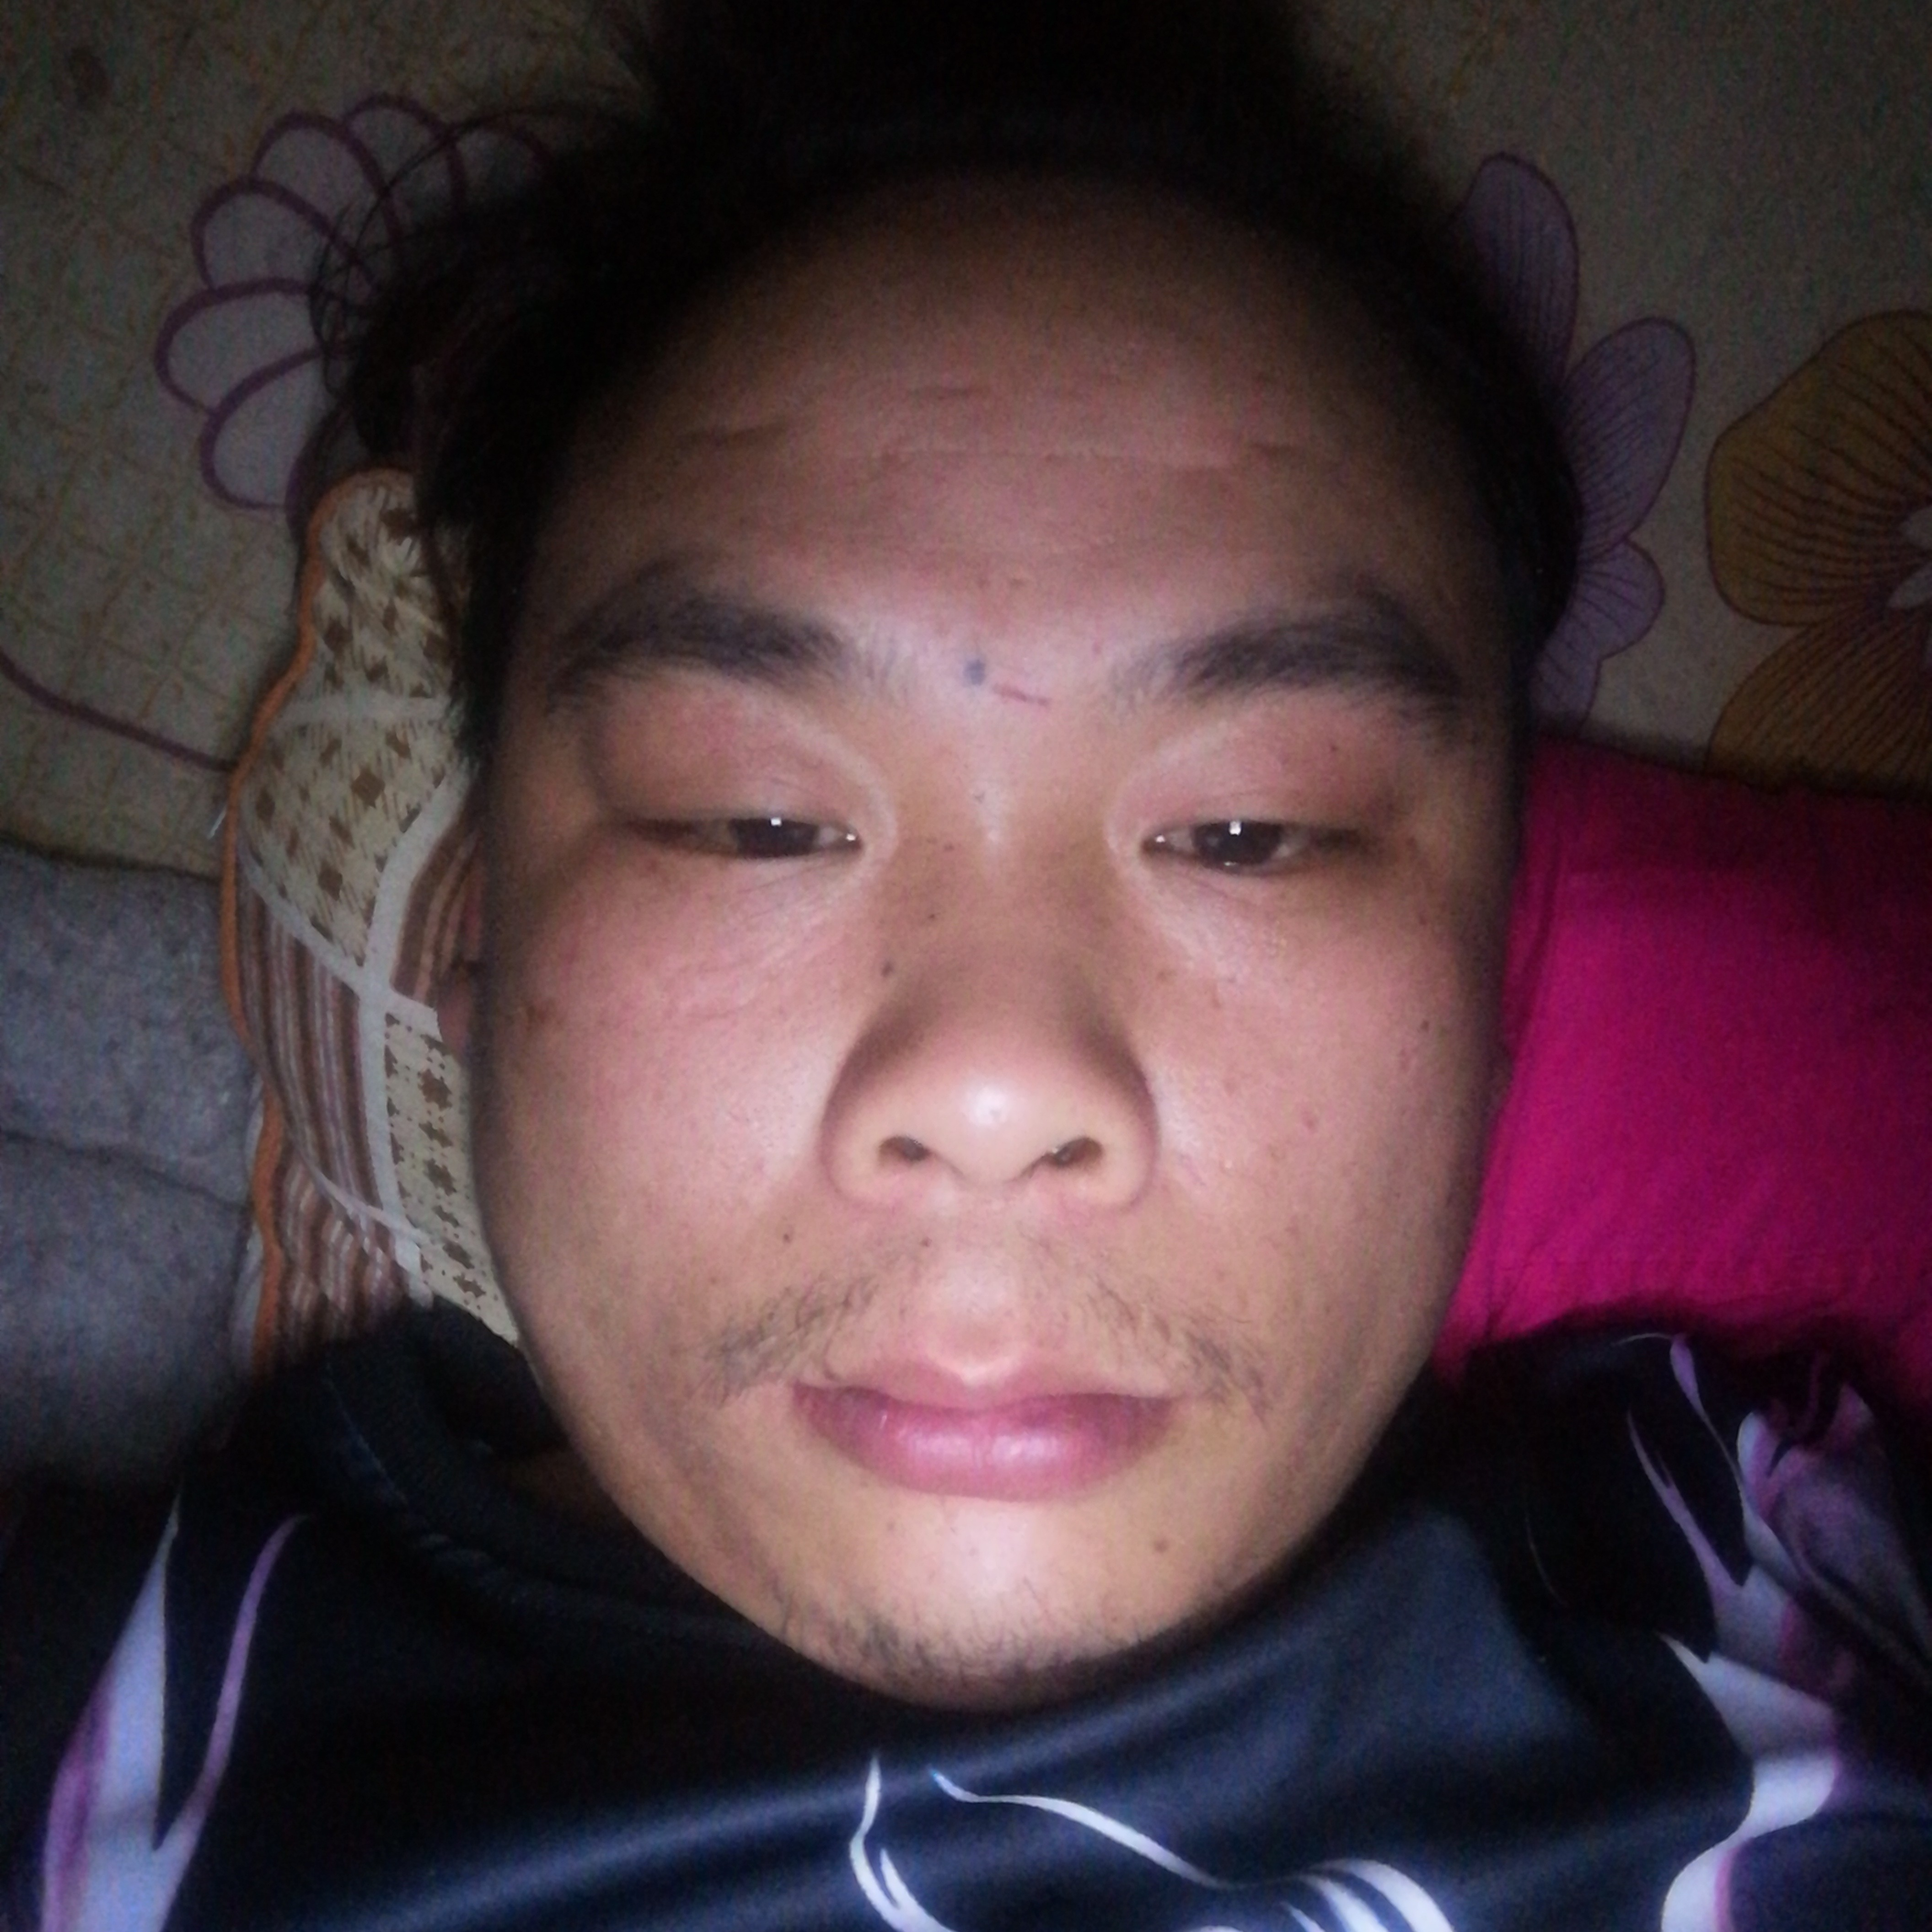 大白昏睡的照片